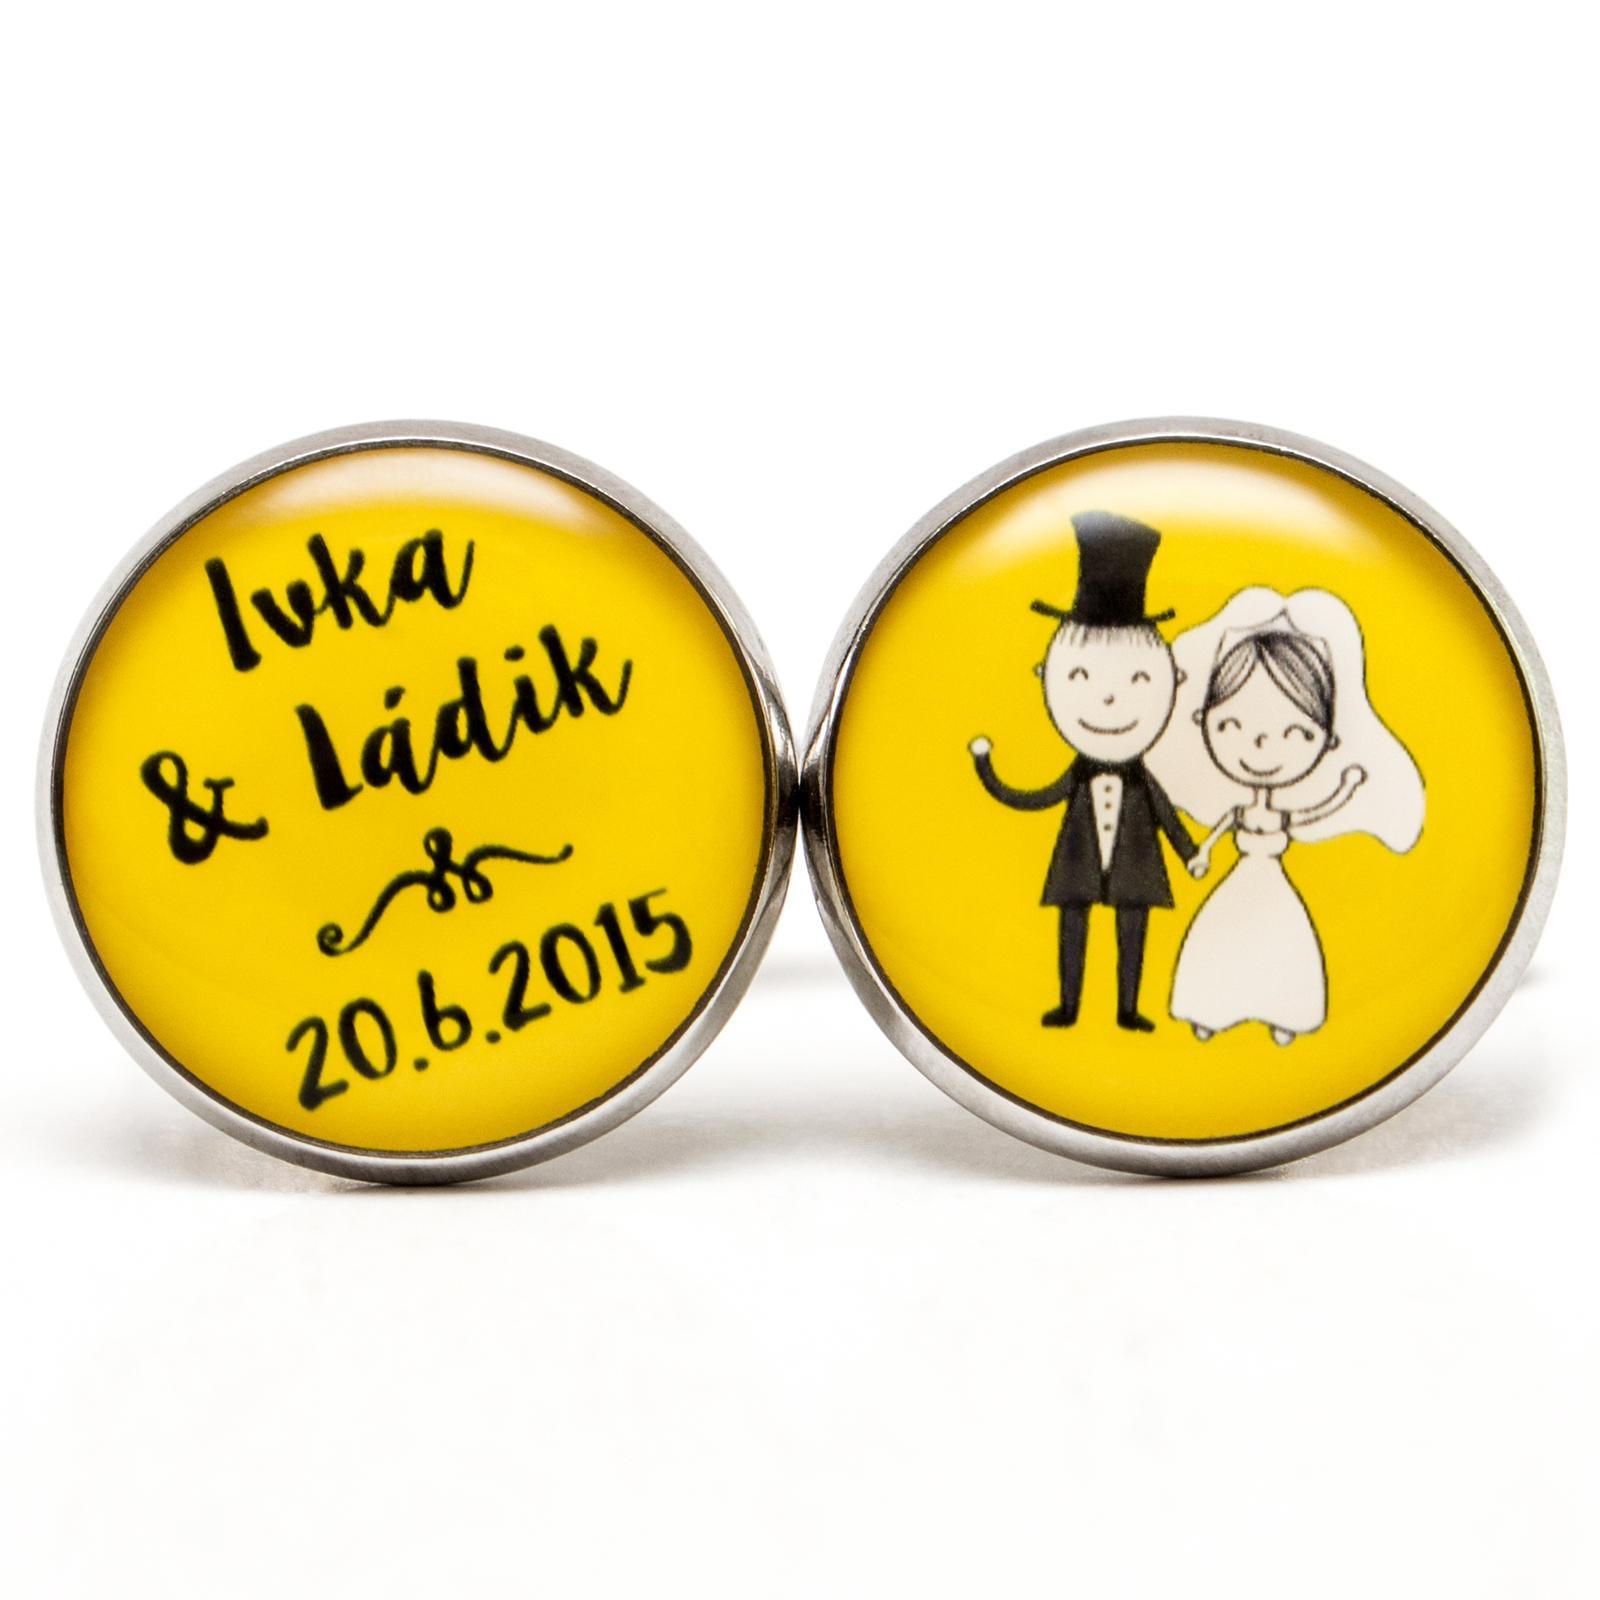 ♥  Manžetové gombíky na mieru - presne podľa Tvojich predstáv ♥ - Svadobné manžetky 019 žlté